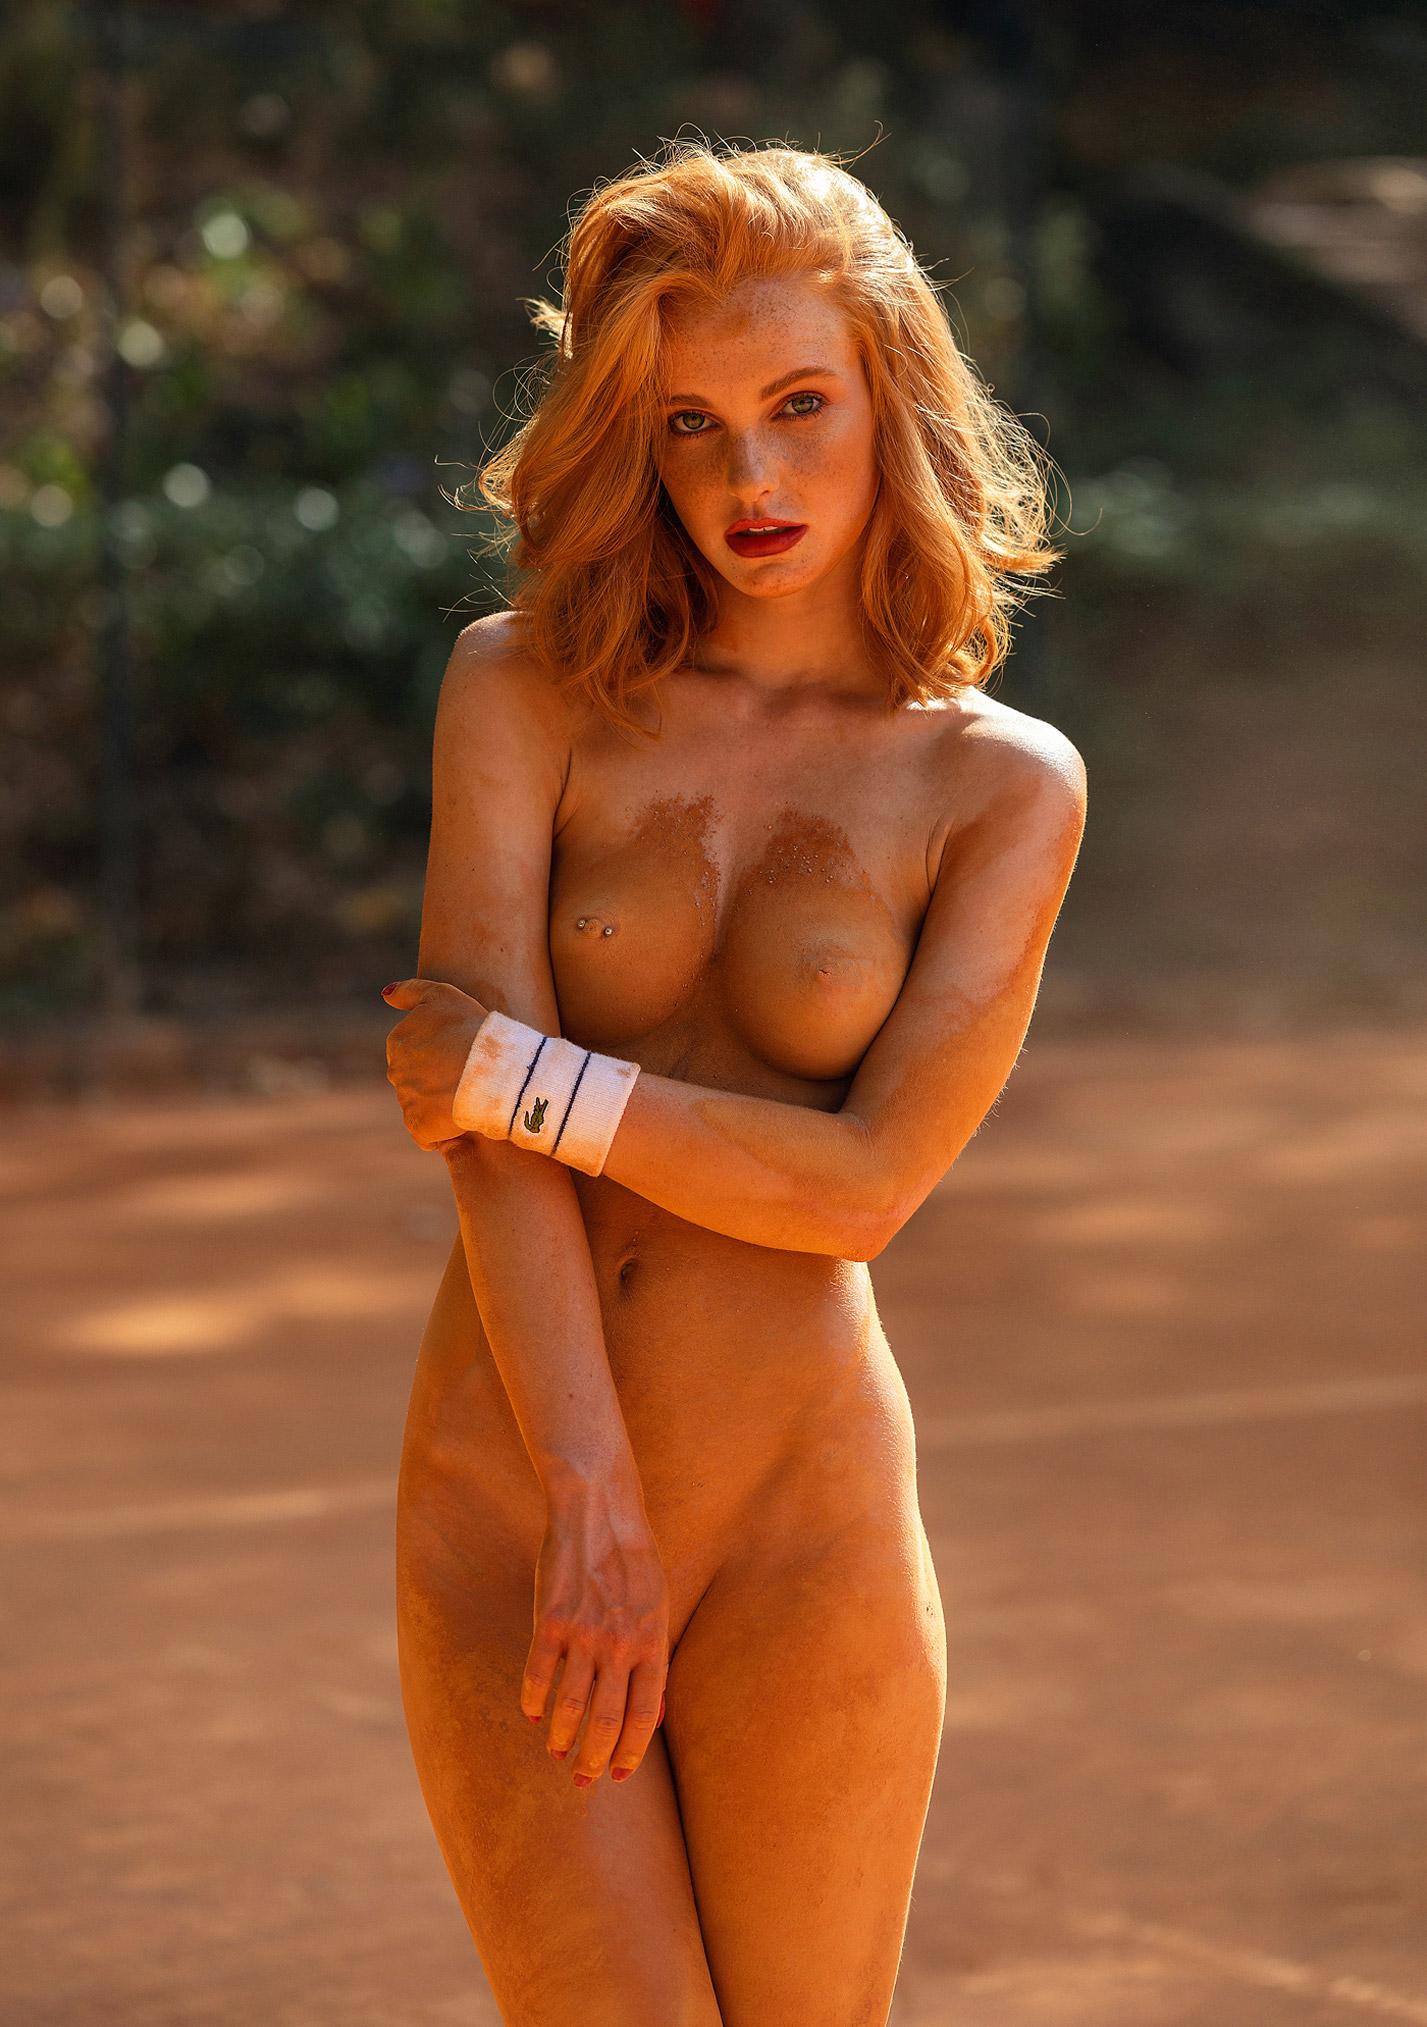 звезда голландского Playboy Свенья ван дер Богарт голая играет в теннис / фото 17